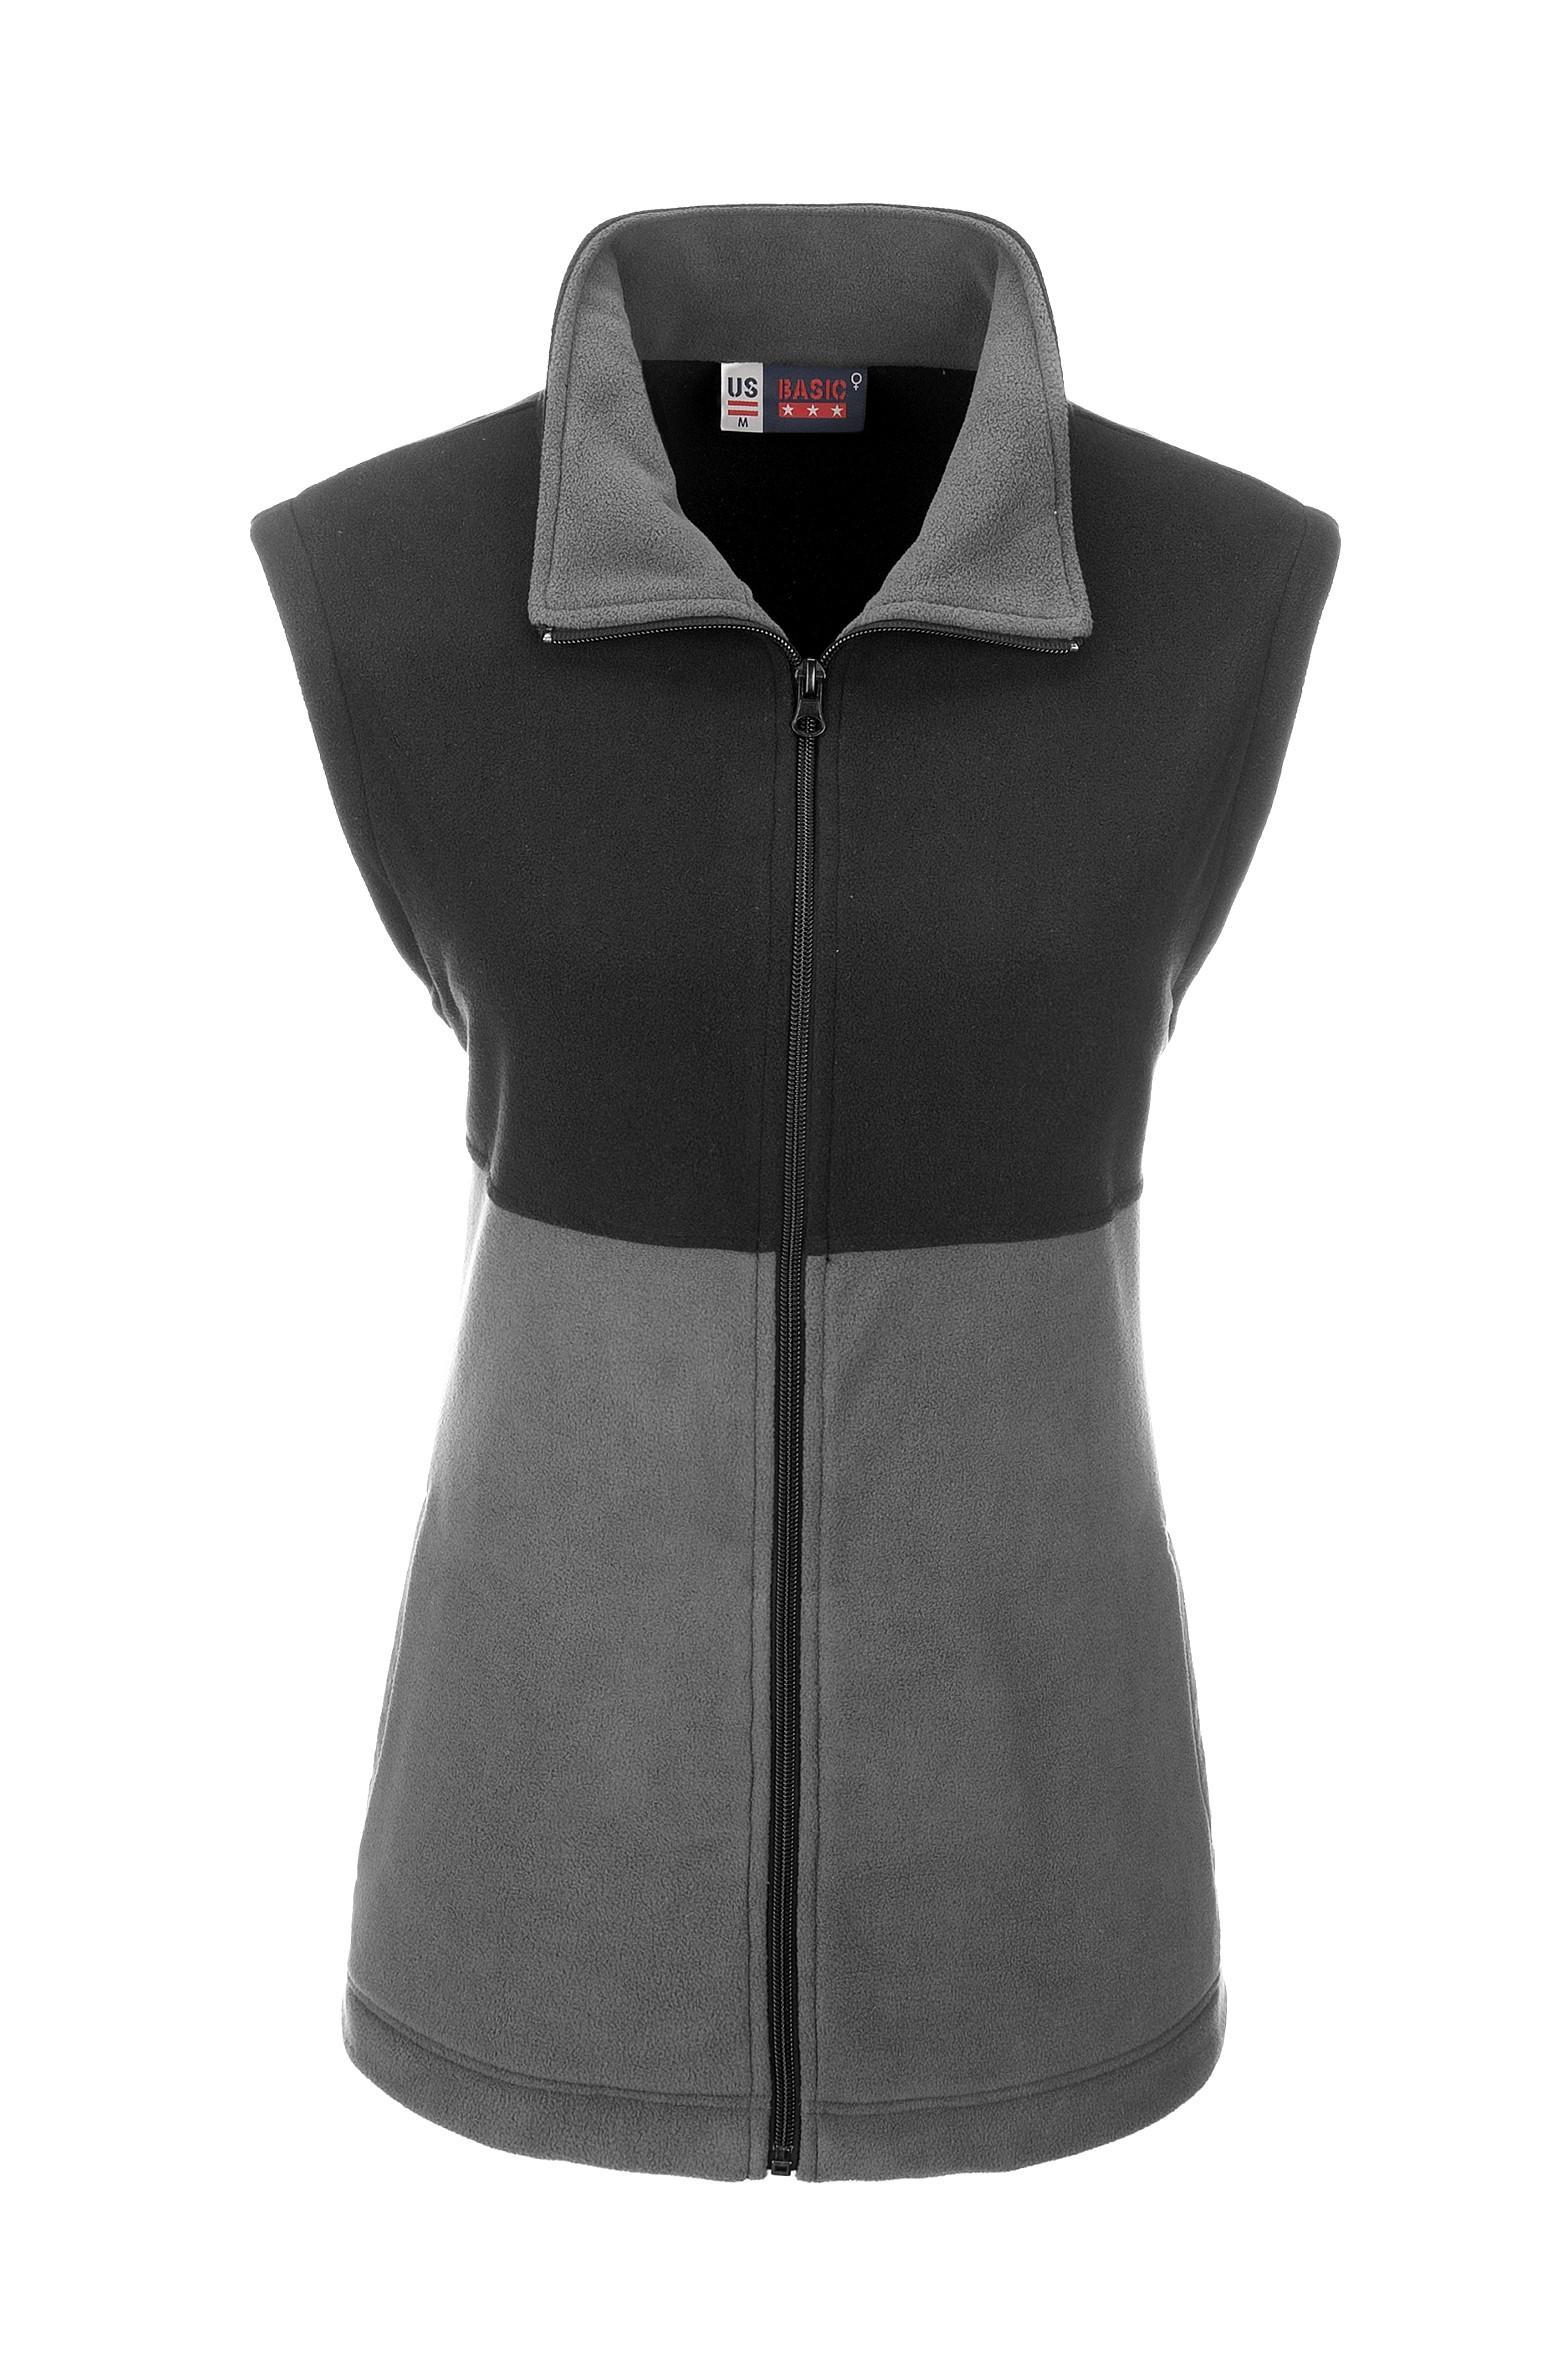 Ladies Benneton Zip-off Micro Fleece Jacket - Grey Only